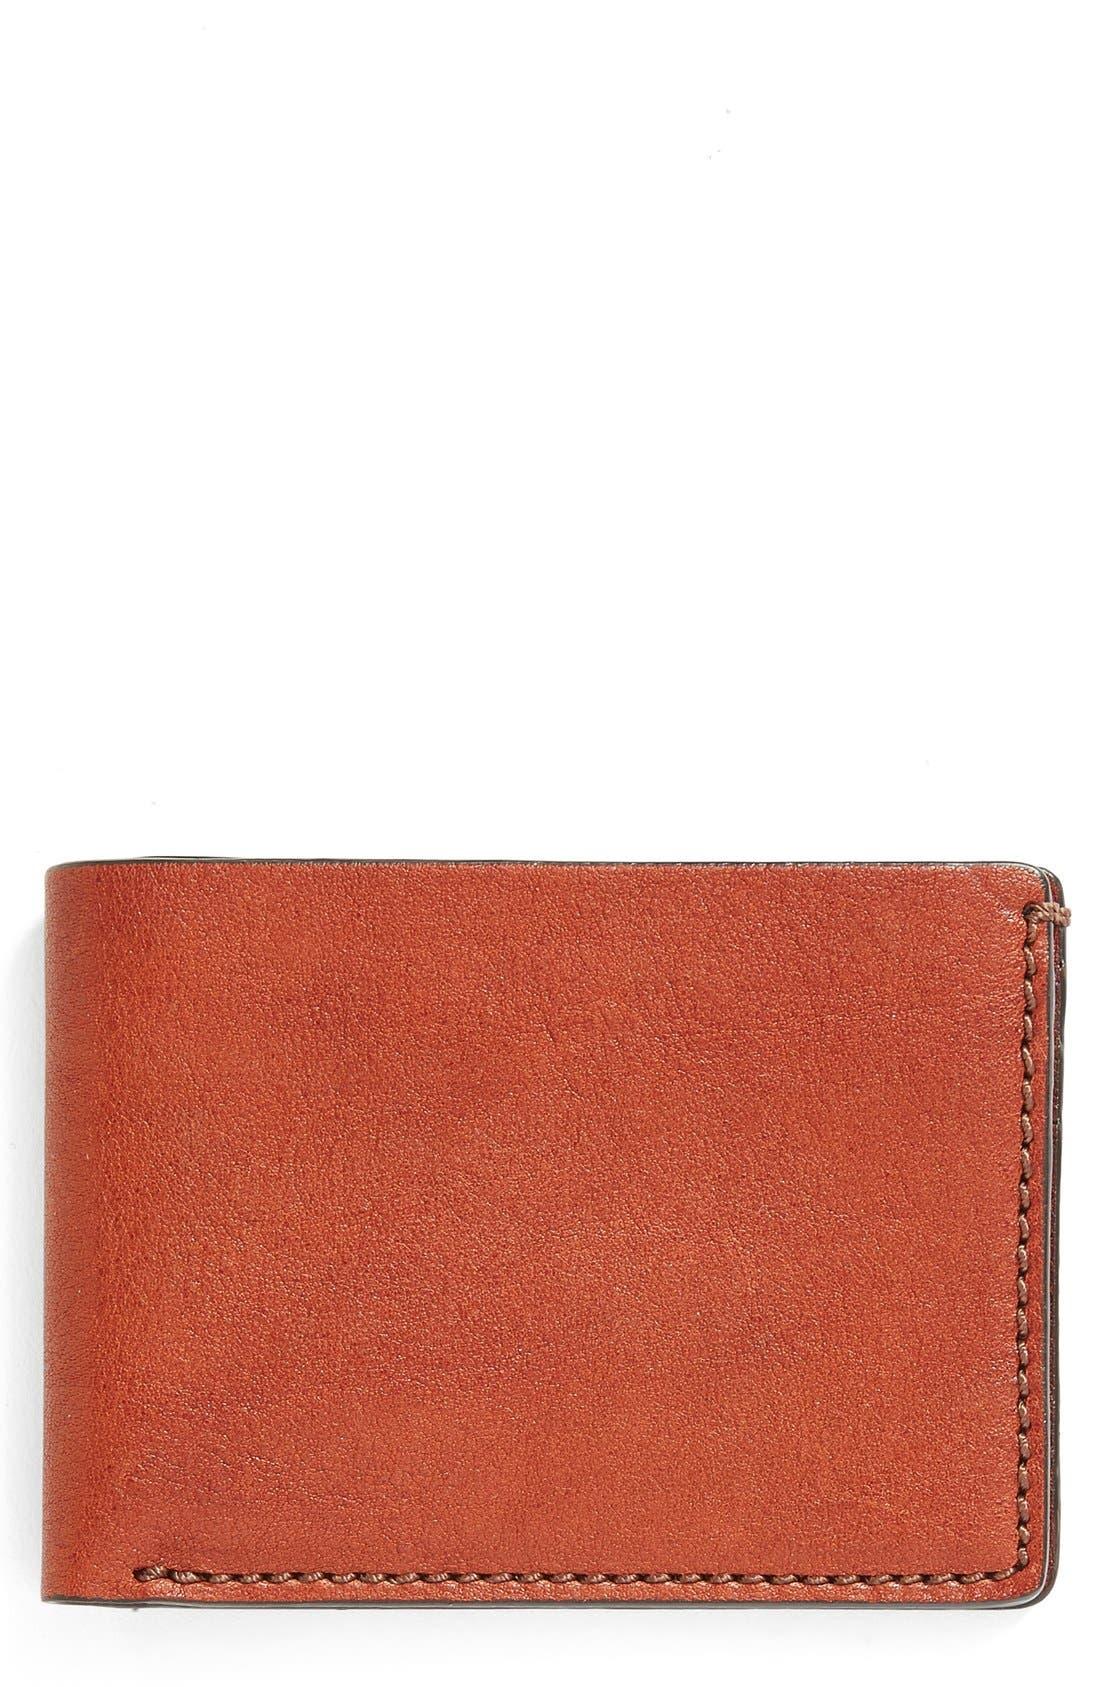 Leather Bifold Wallet,                         Main,                         color, Cognac